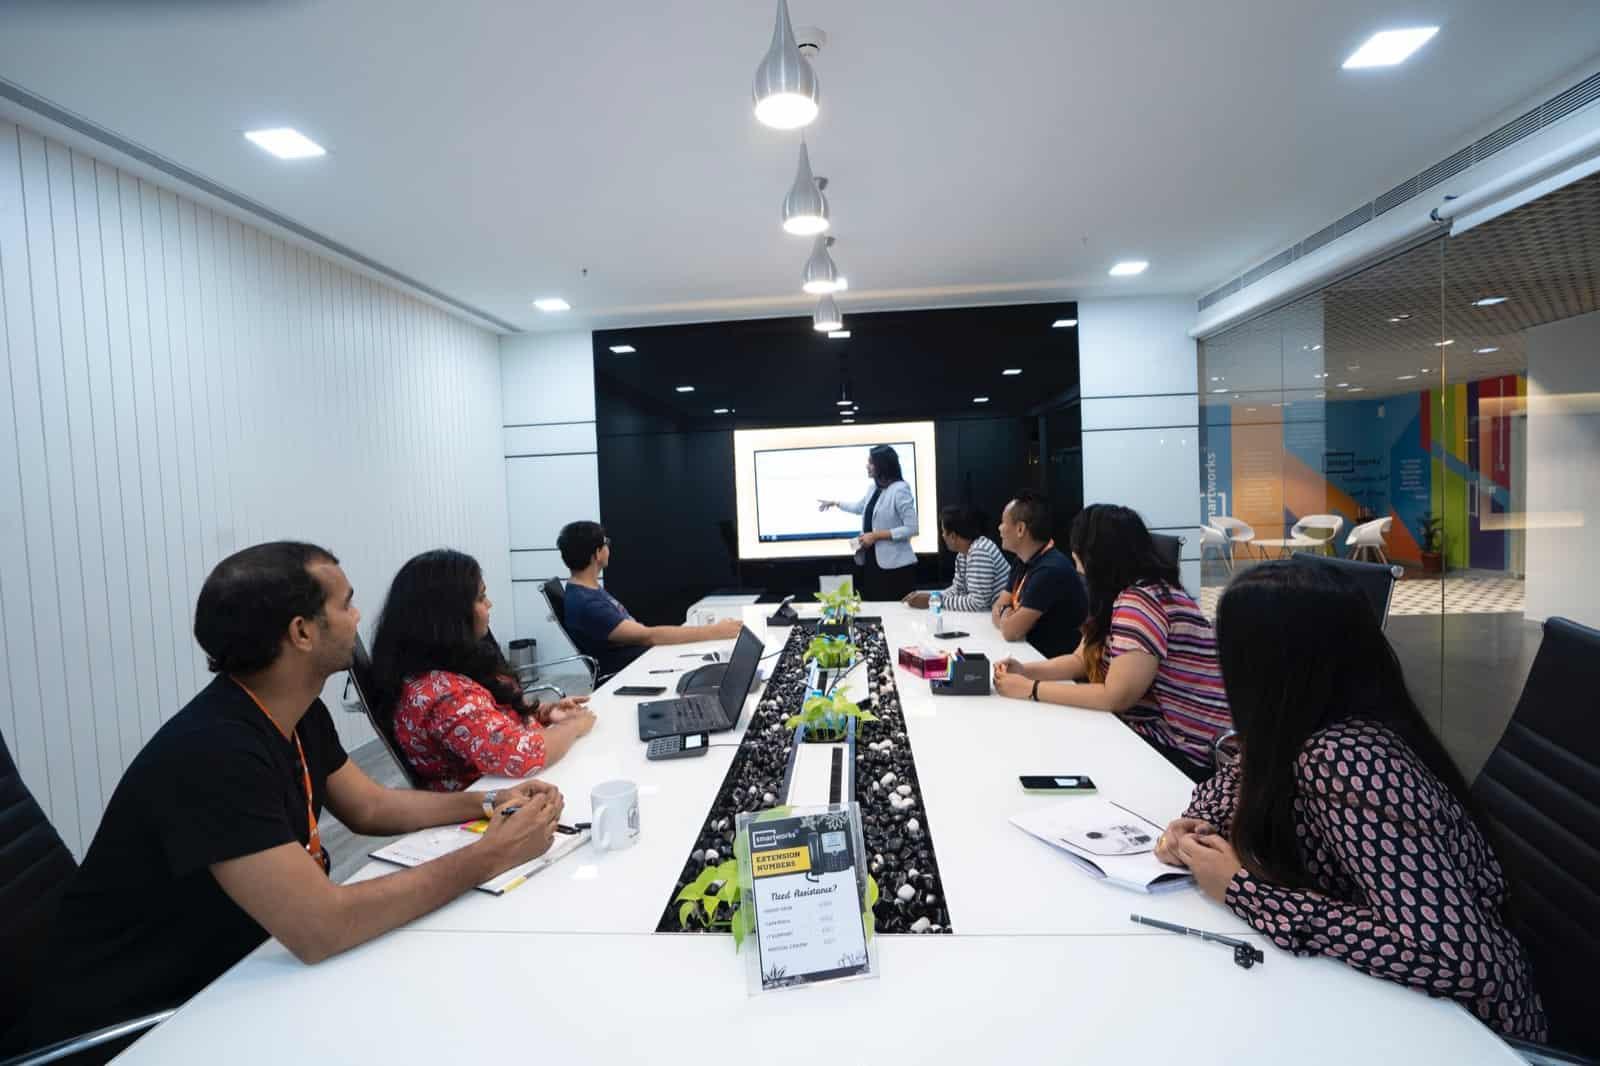 Riunione strategica dello staff di un e-commerce